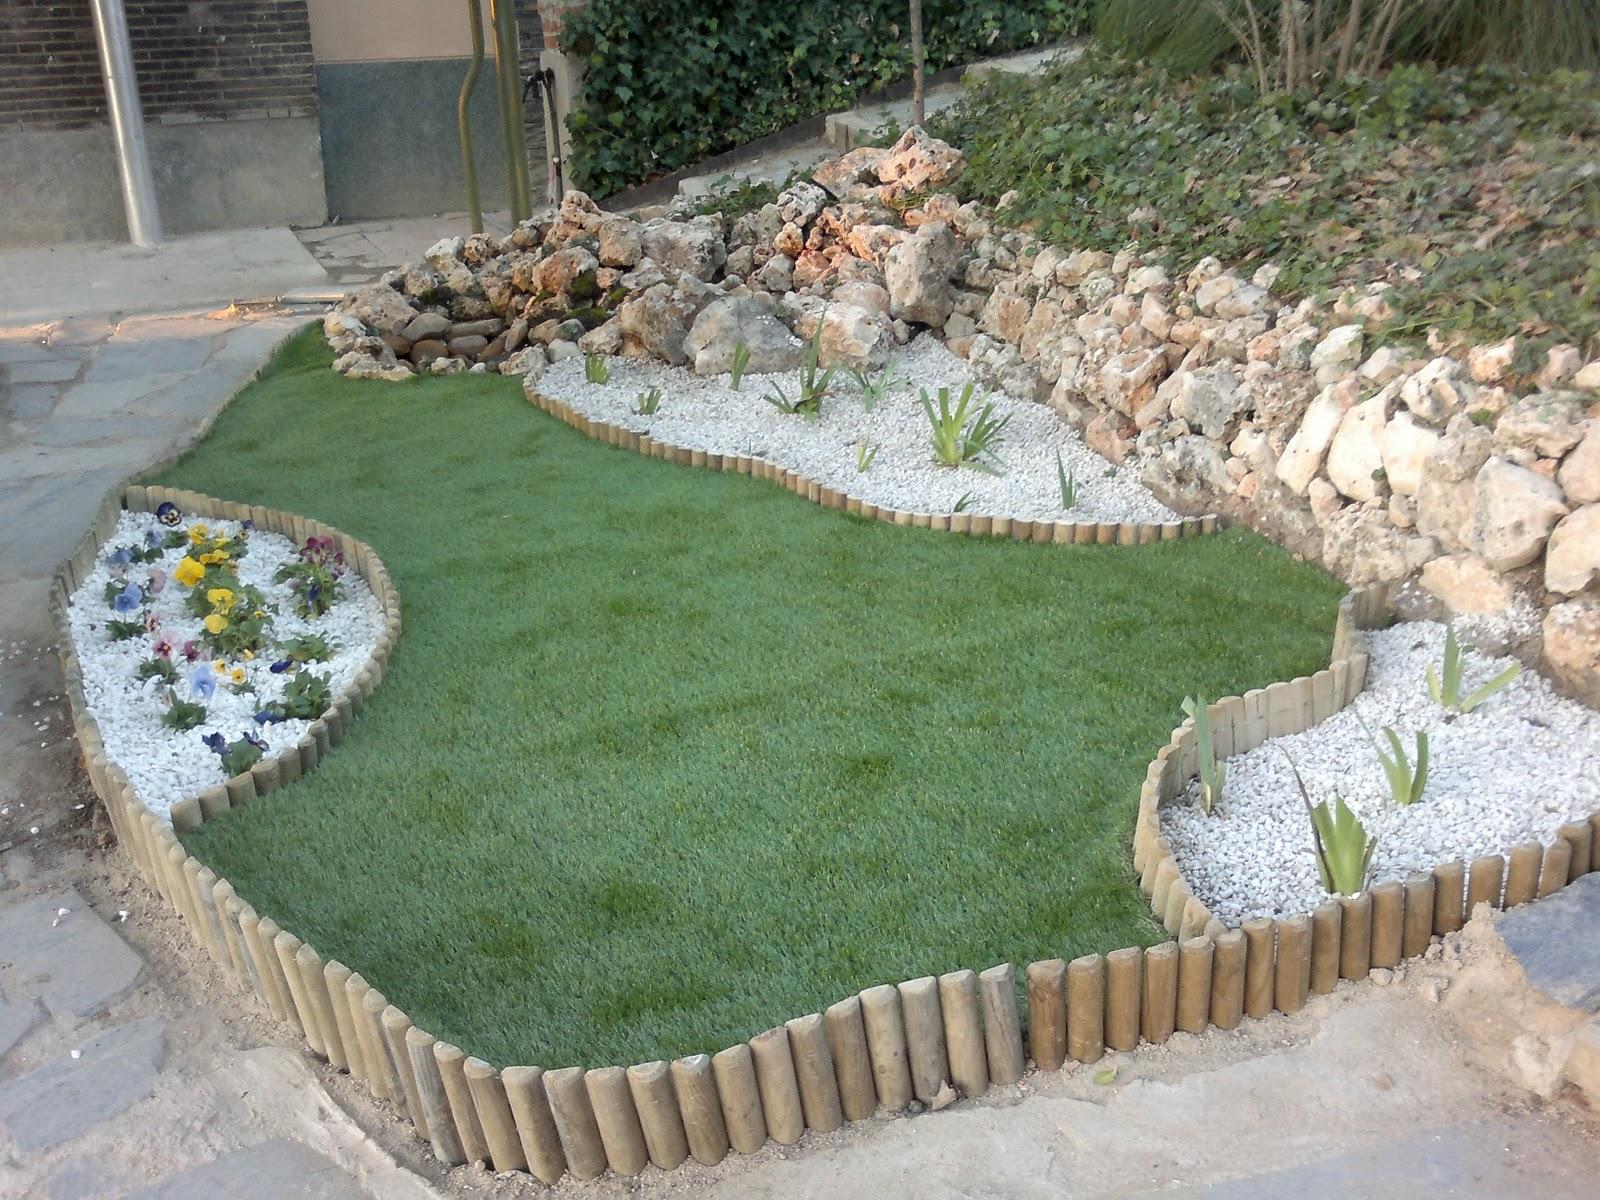 Arte y jardiner a arriate con estanque y c sped artificial - Arriate jardin ...